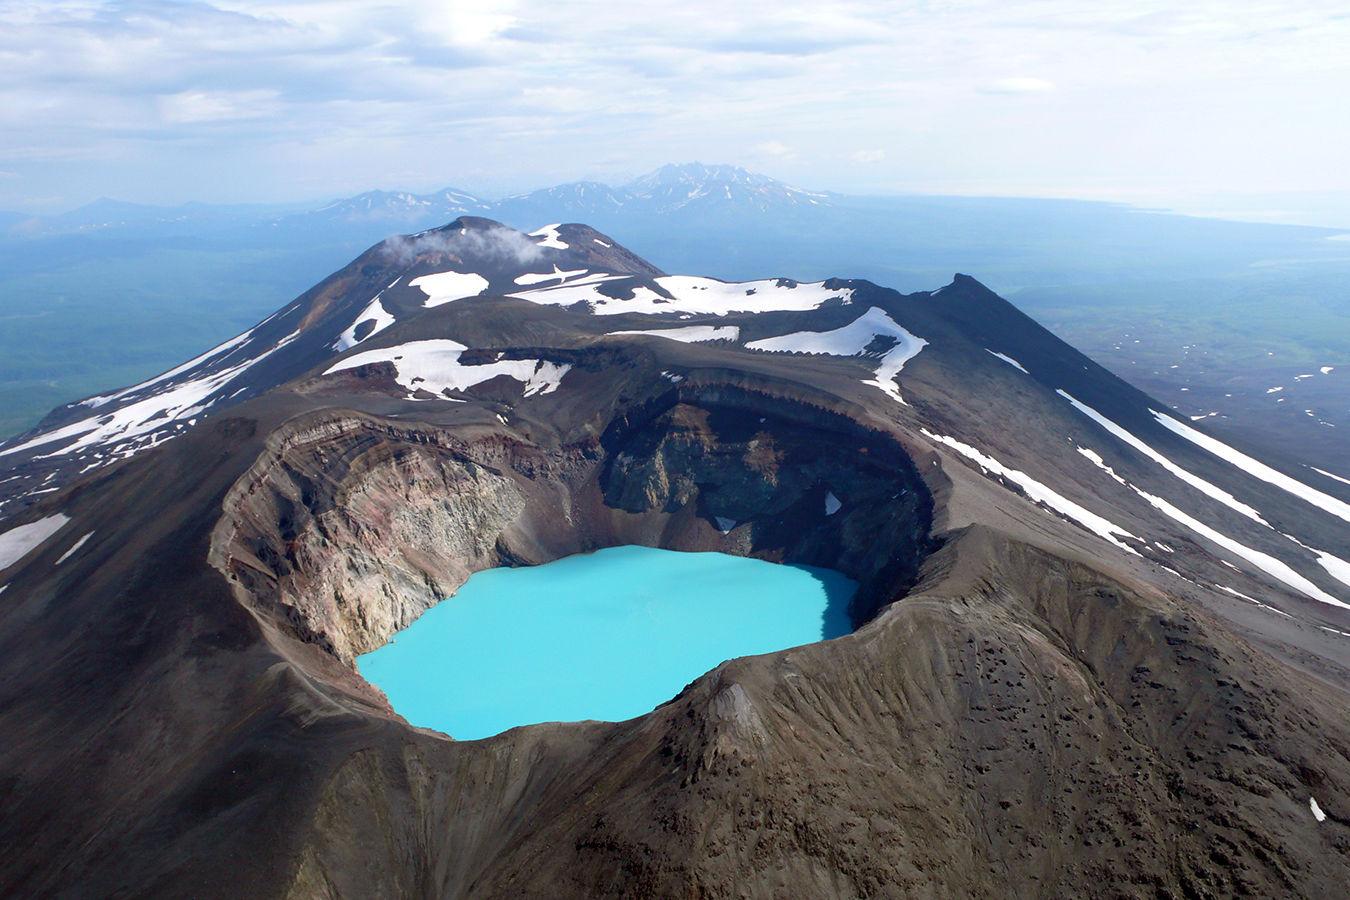 Камчатка – вулканы и горячие источники